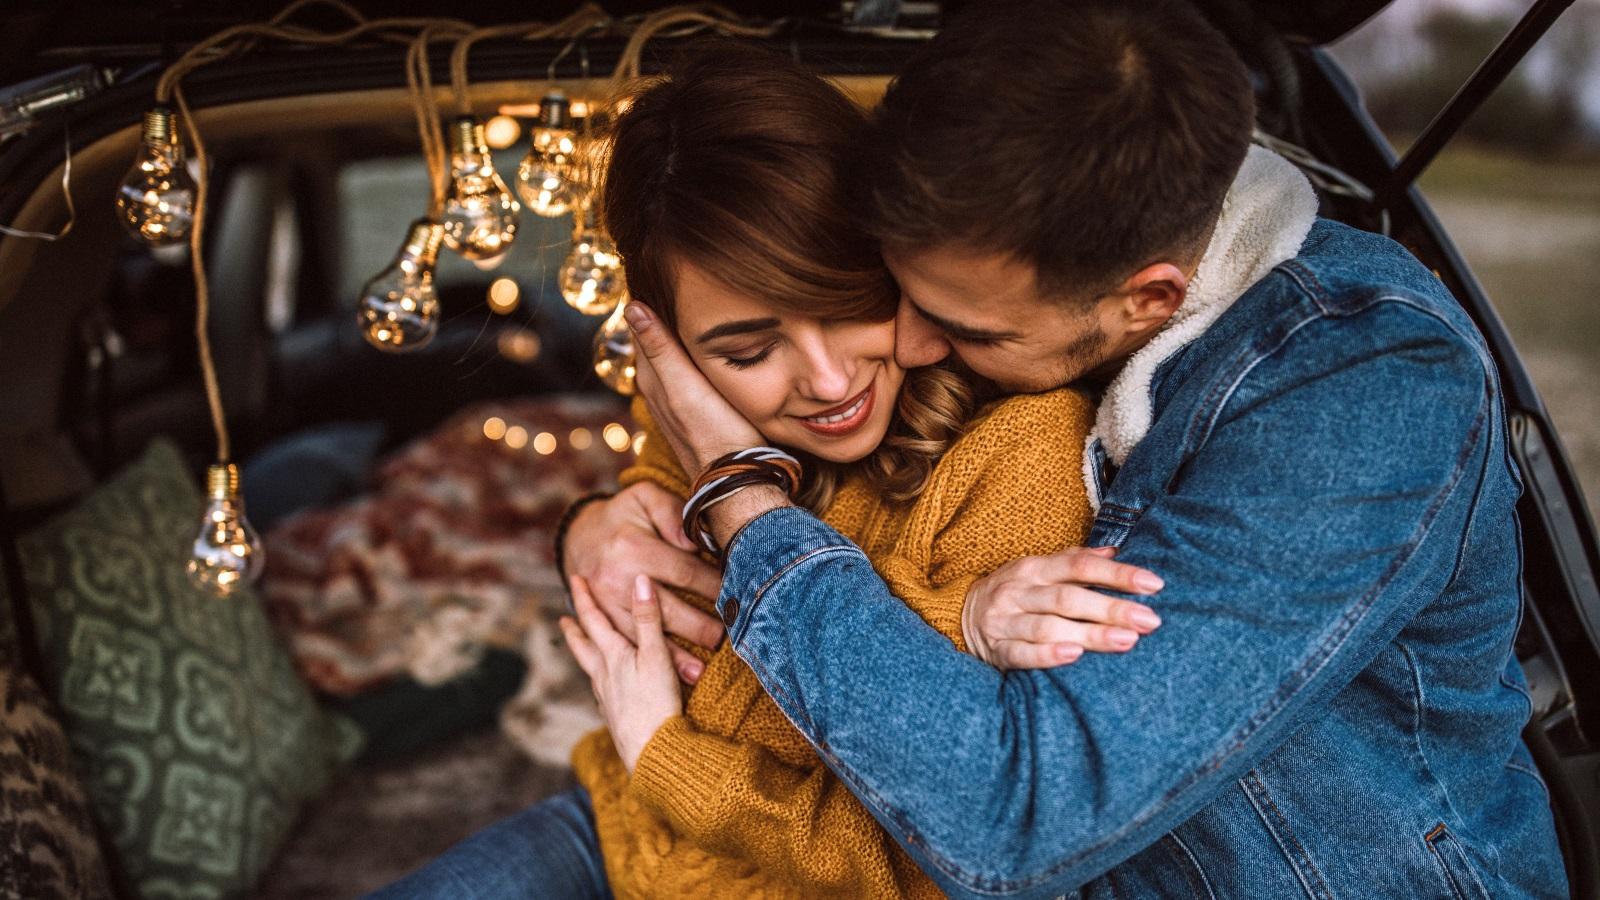 <p>За Раците 2020 г. ще бъде предимно период за приятелства. Ще се насладите на компанията на стари приятели, но ще се запознаете и с нови. Обърнете внимание на новите приятелства, защото именно там може да се крие голямата ви любов. Най-щастливите и спокойни месеци за вас ще са ноември и декември.</p>